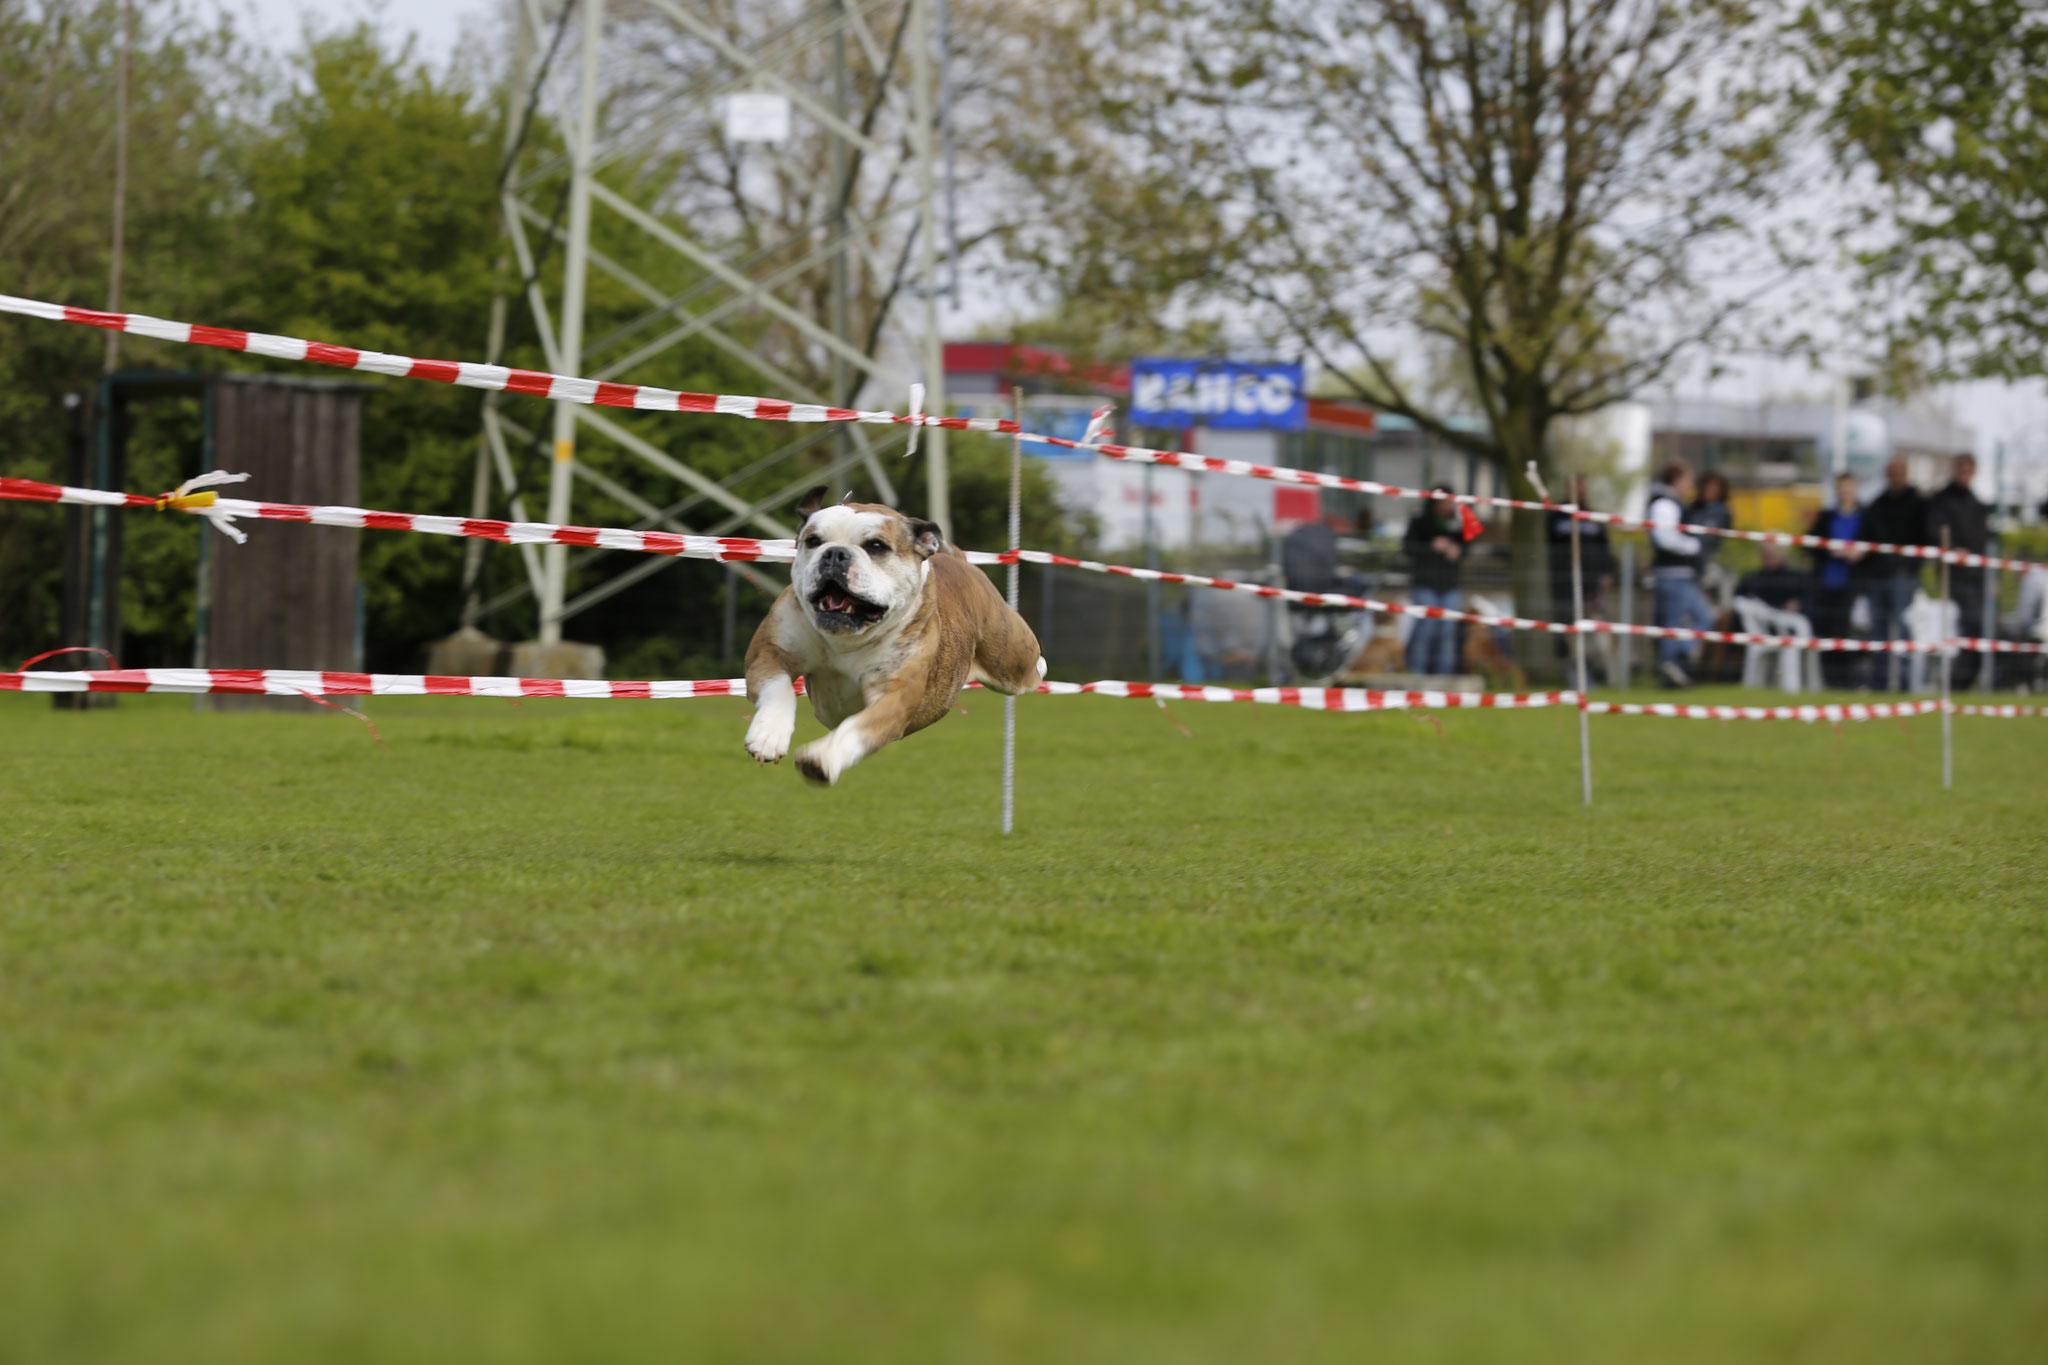 Continental Bulldog Conties Bijoux Bijoux beim 3. Bullyrennen in Dortmund